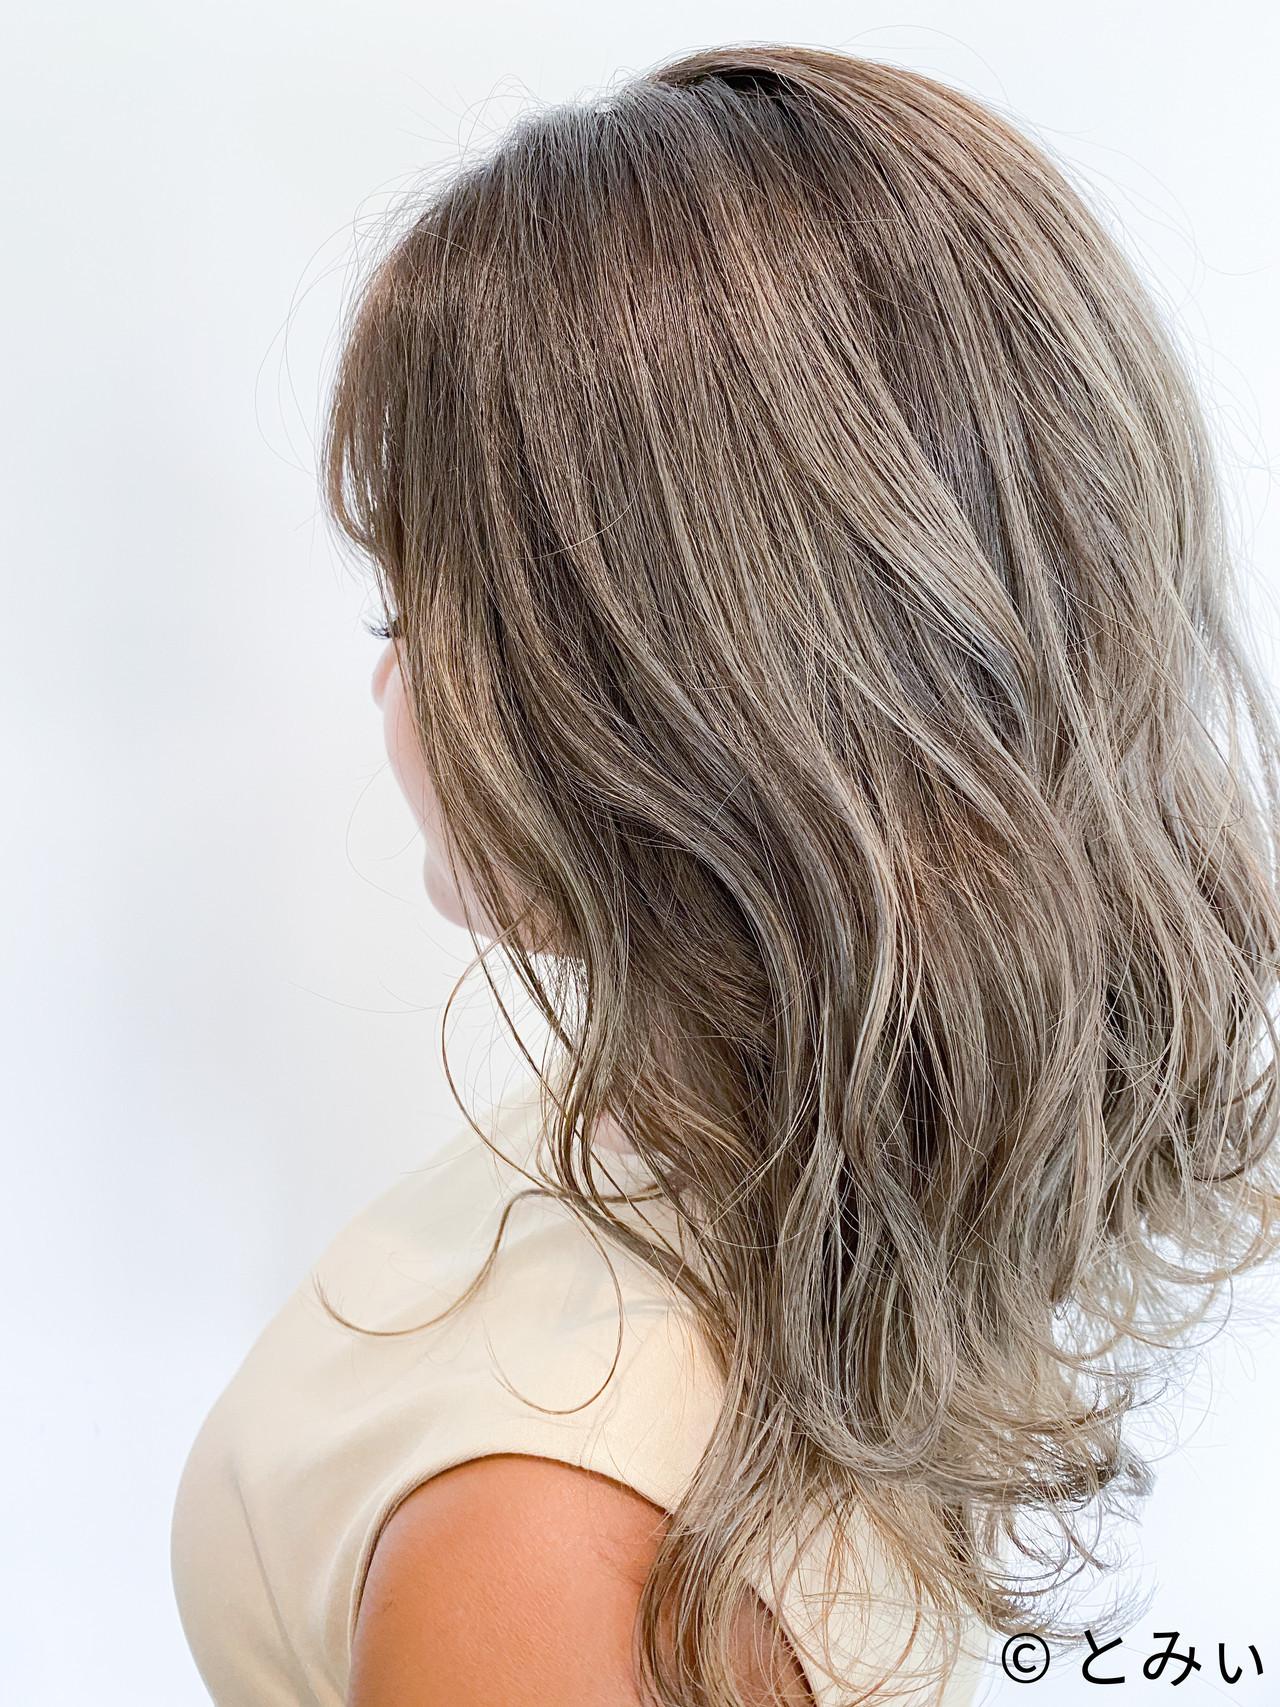 エアータッチ セミロング バレイヤージュ ブリーチ ヘアスタイルや髪型の写真・画像